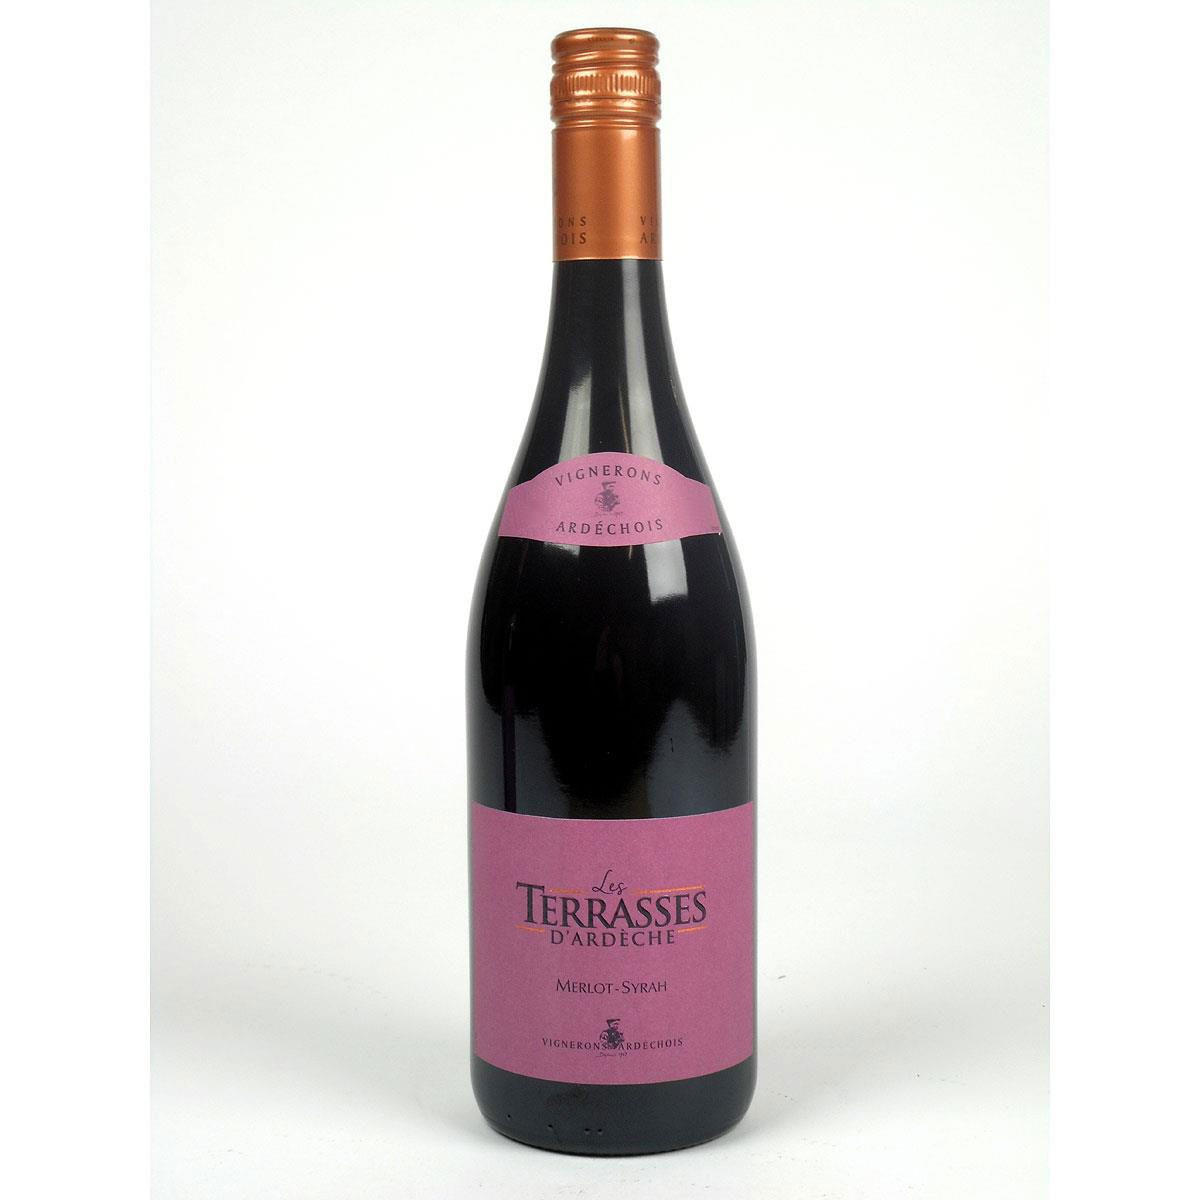 Coteaux de l'Ardèche: 'Les Terrasses' Rouge 2019 - Bottle